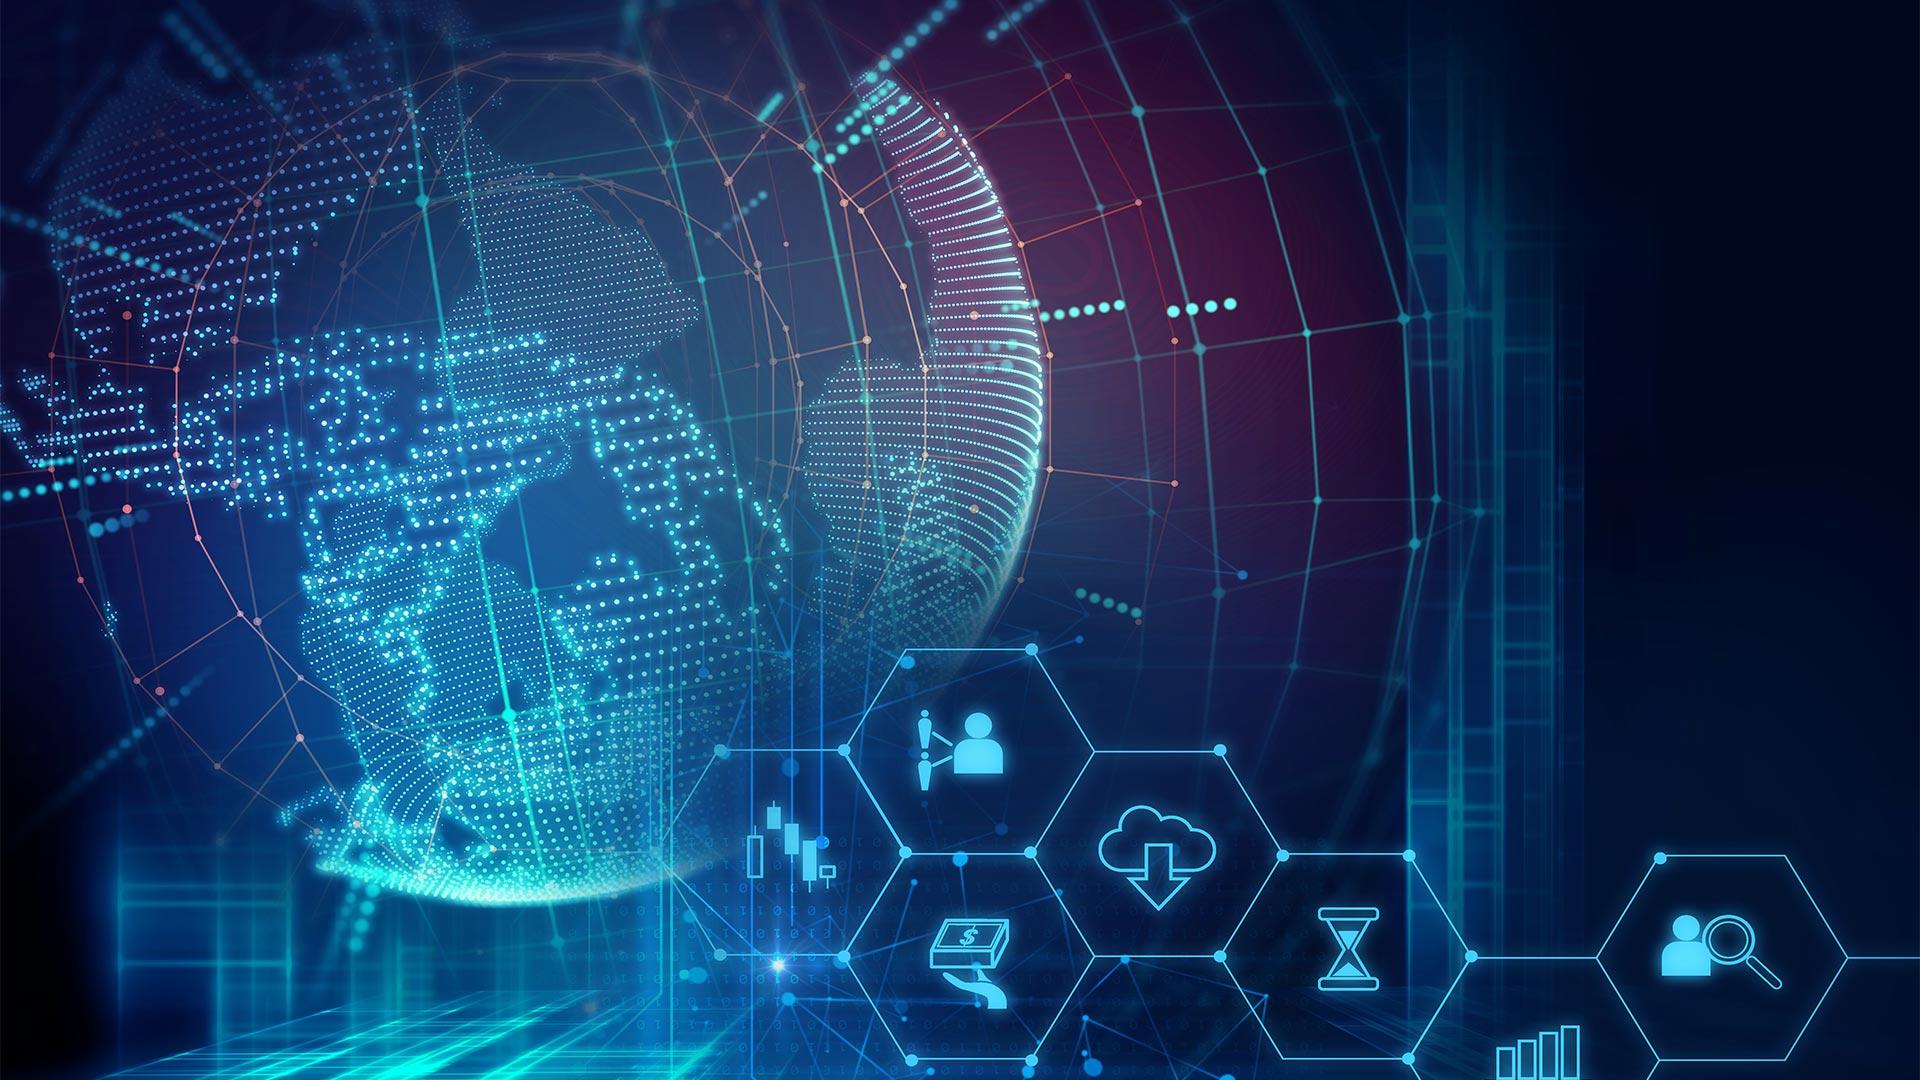 információ-biztonság-fortix-audit-adatvédelem